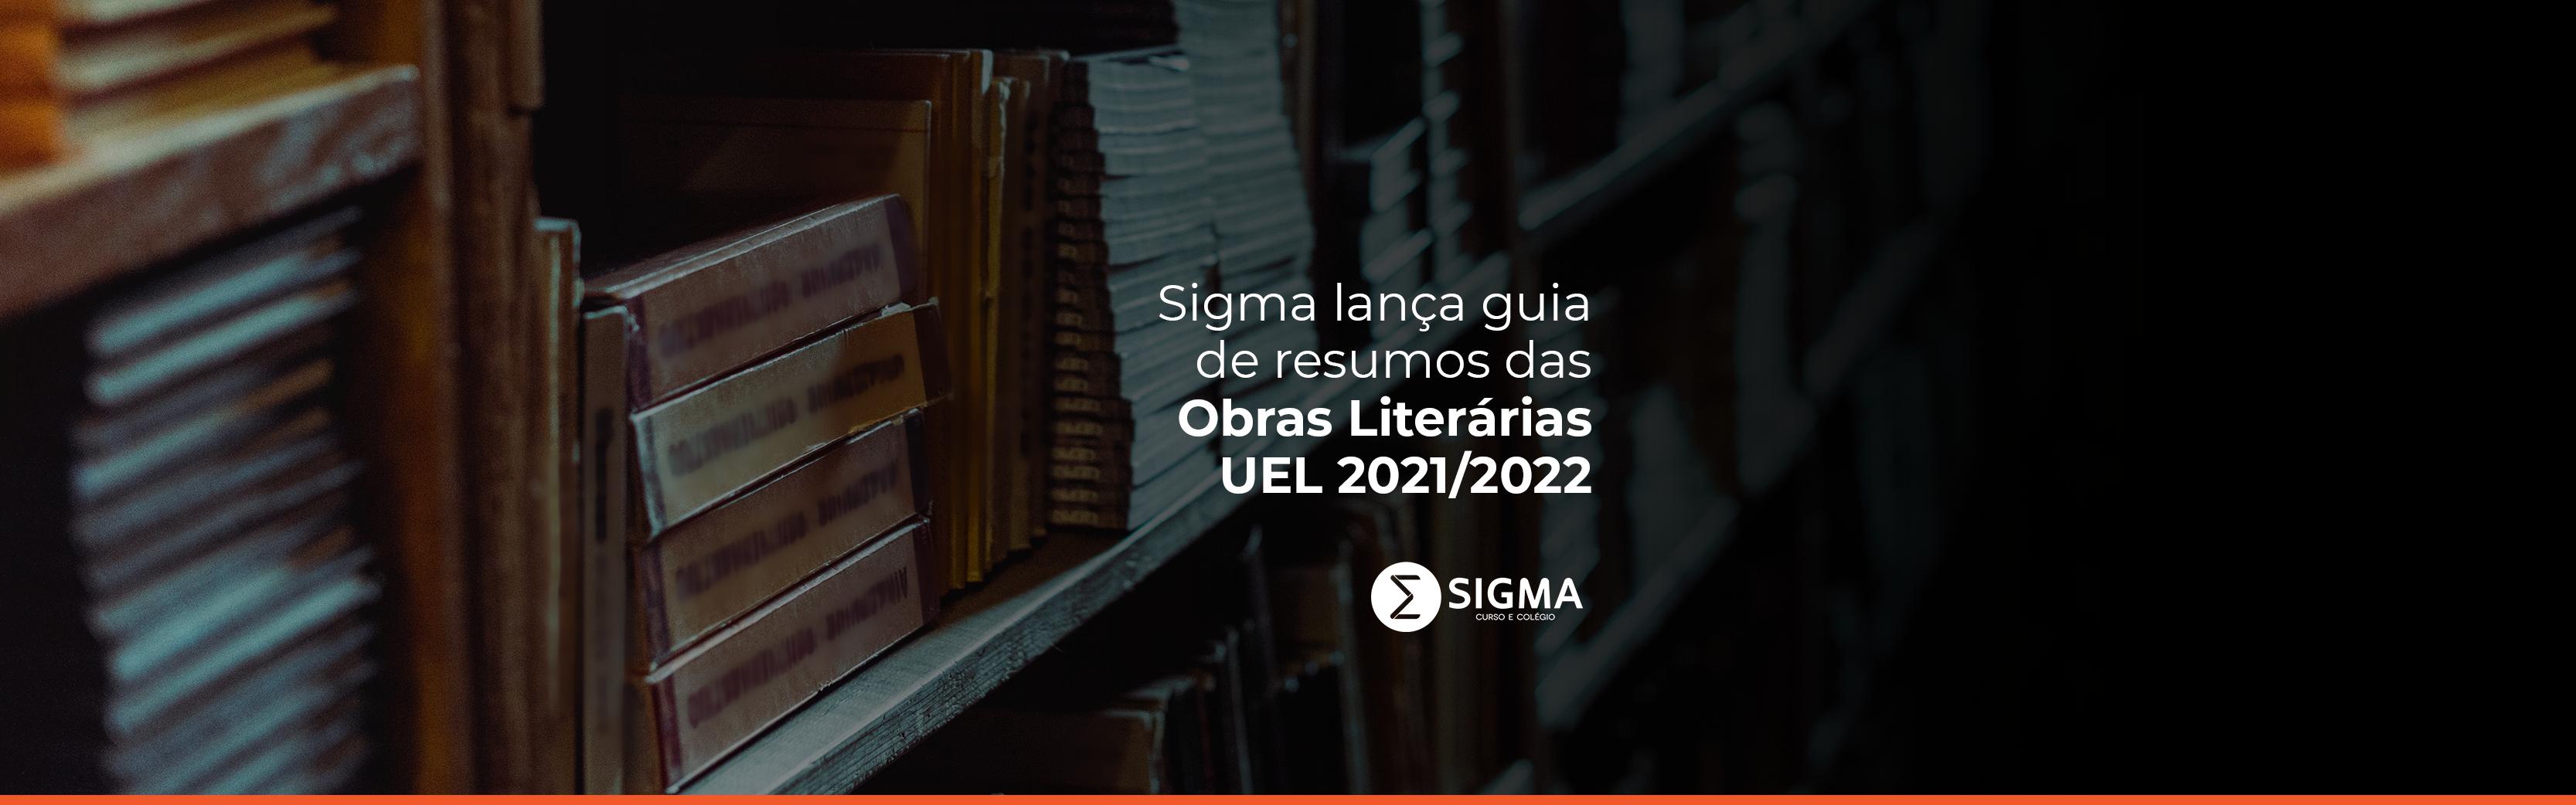 Sigma lança guia de resumos das Obras Literárias UEL 2021/2022